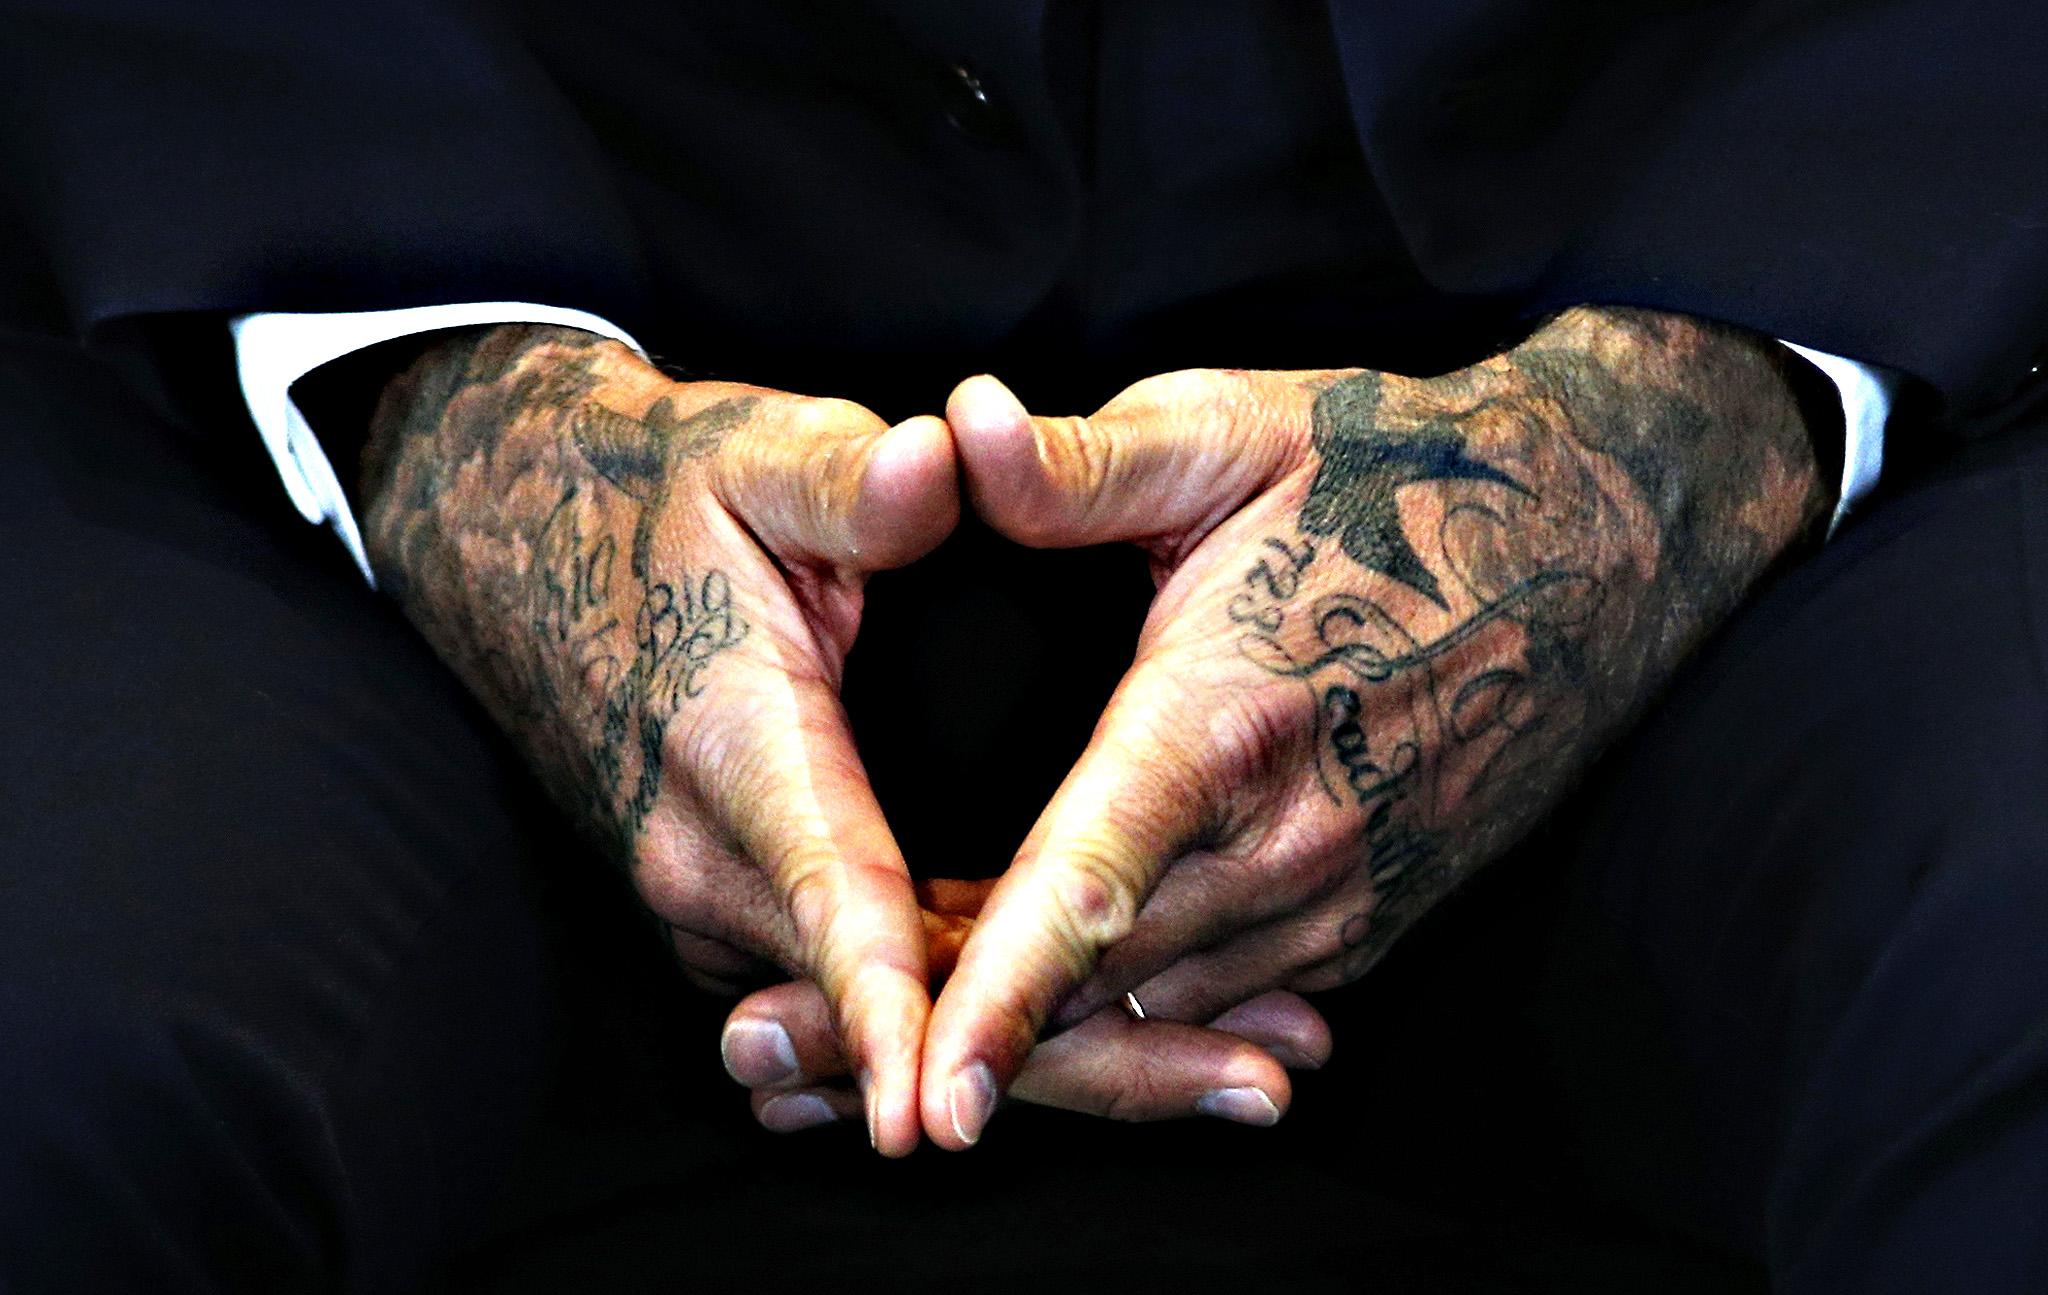 tatuajelor-03092015